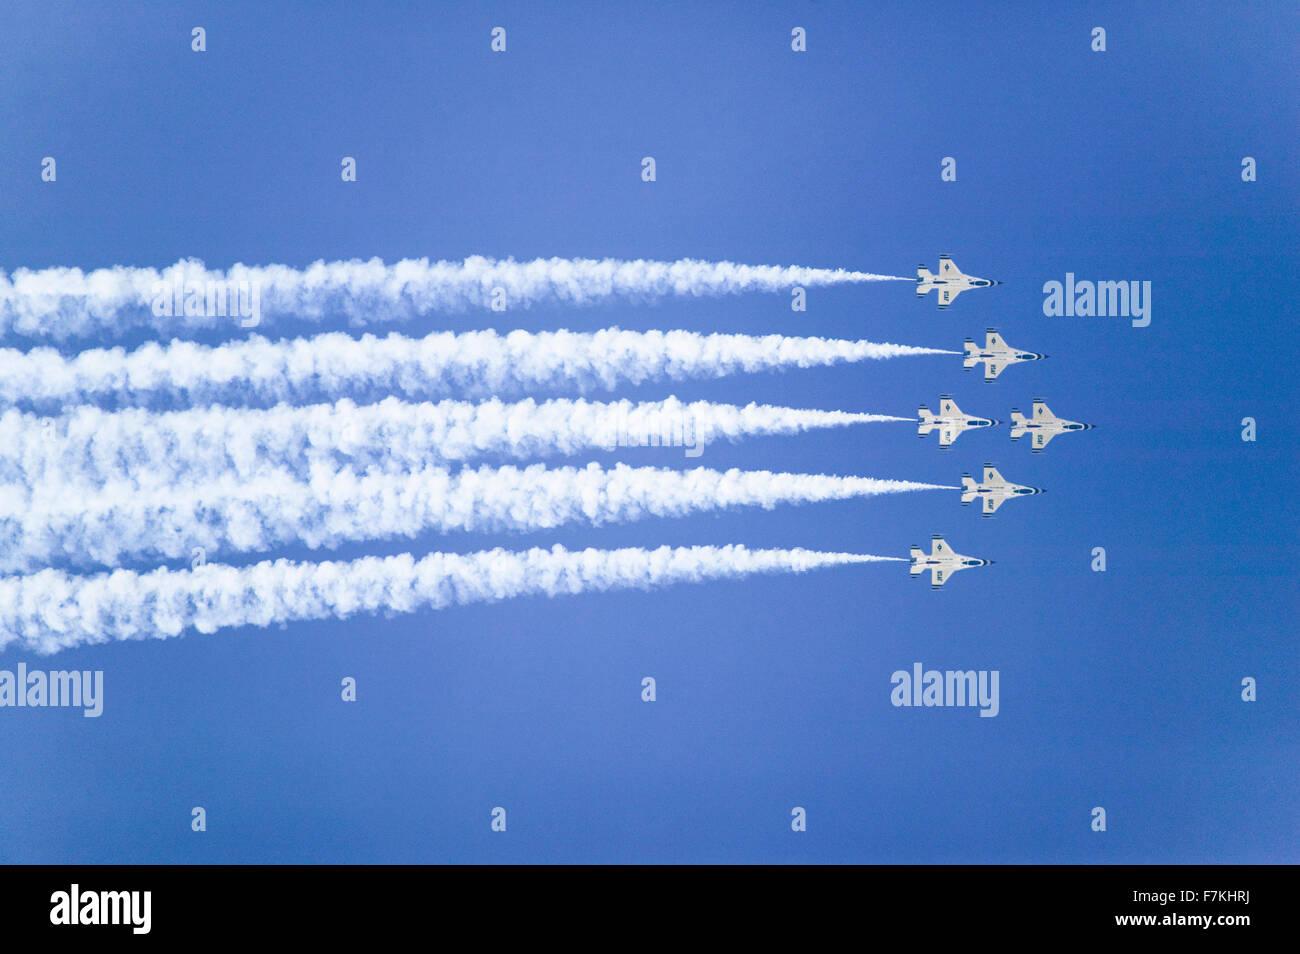 Six US Air Force F-16C Fighting Falcon, connu sous le nom de Thunderbirds, volant en formation avec remorque blanche de fumée au cours de la 42e Naval Base Ventura Comté (NBVC) Air Show à Point Mugu, comté de Ventura, Californie du Sud. Banque D'Images